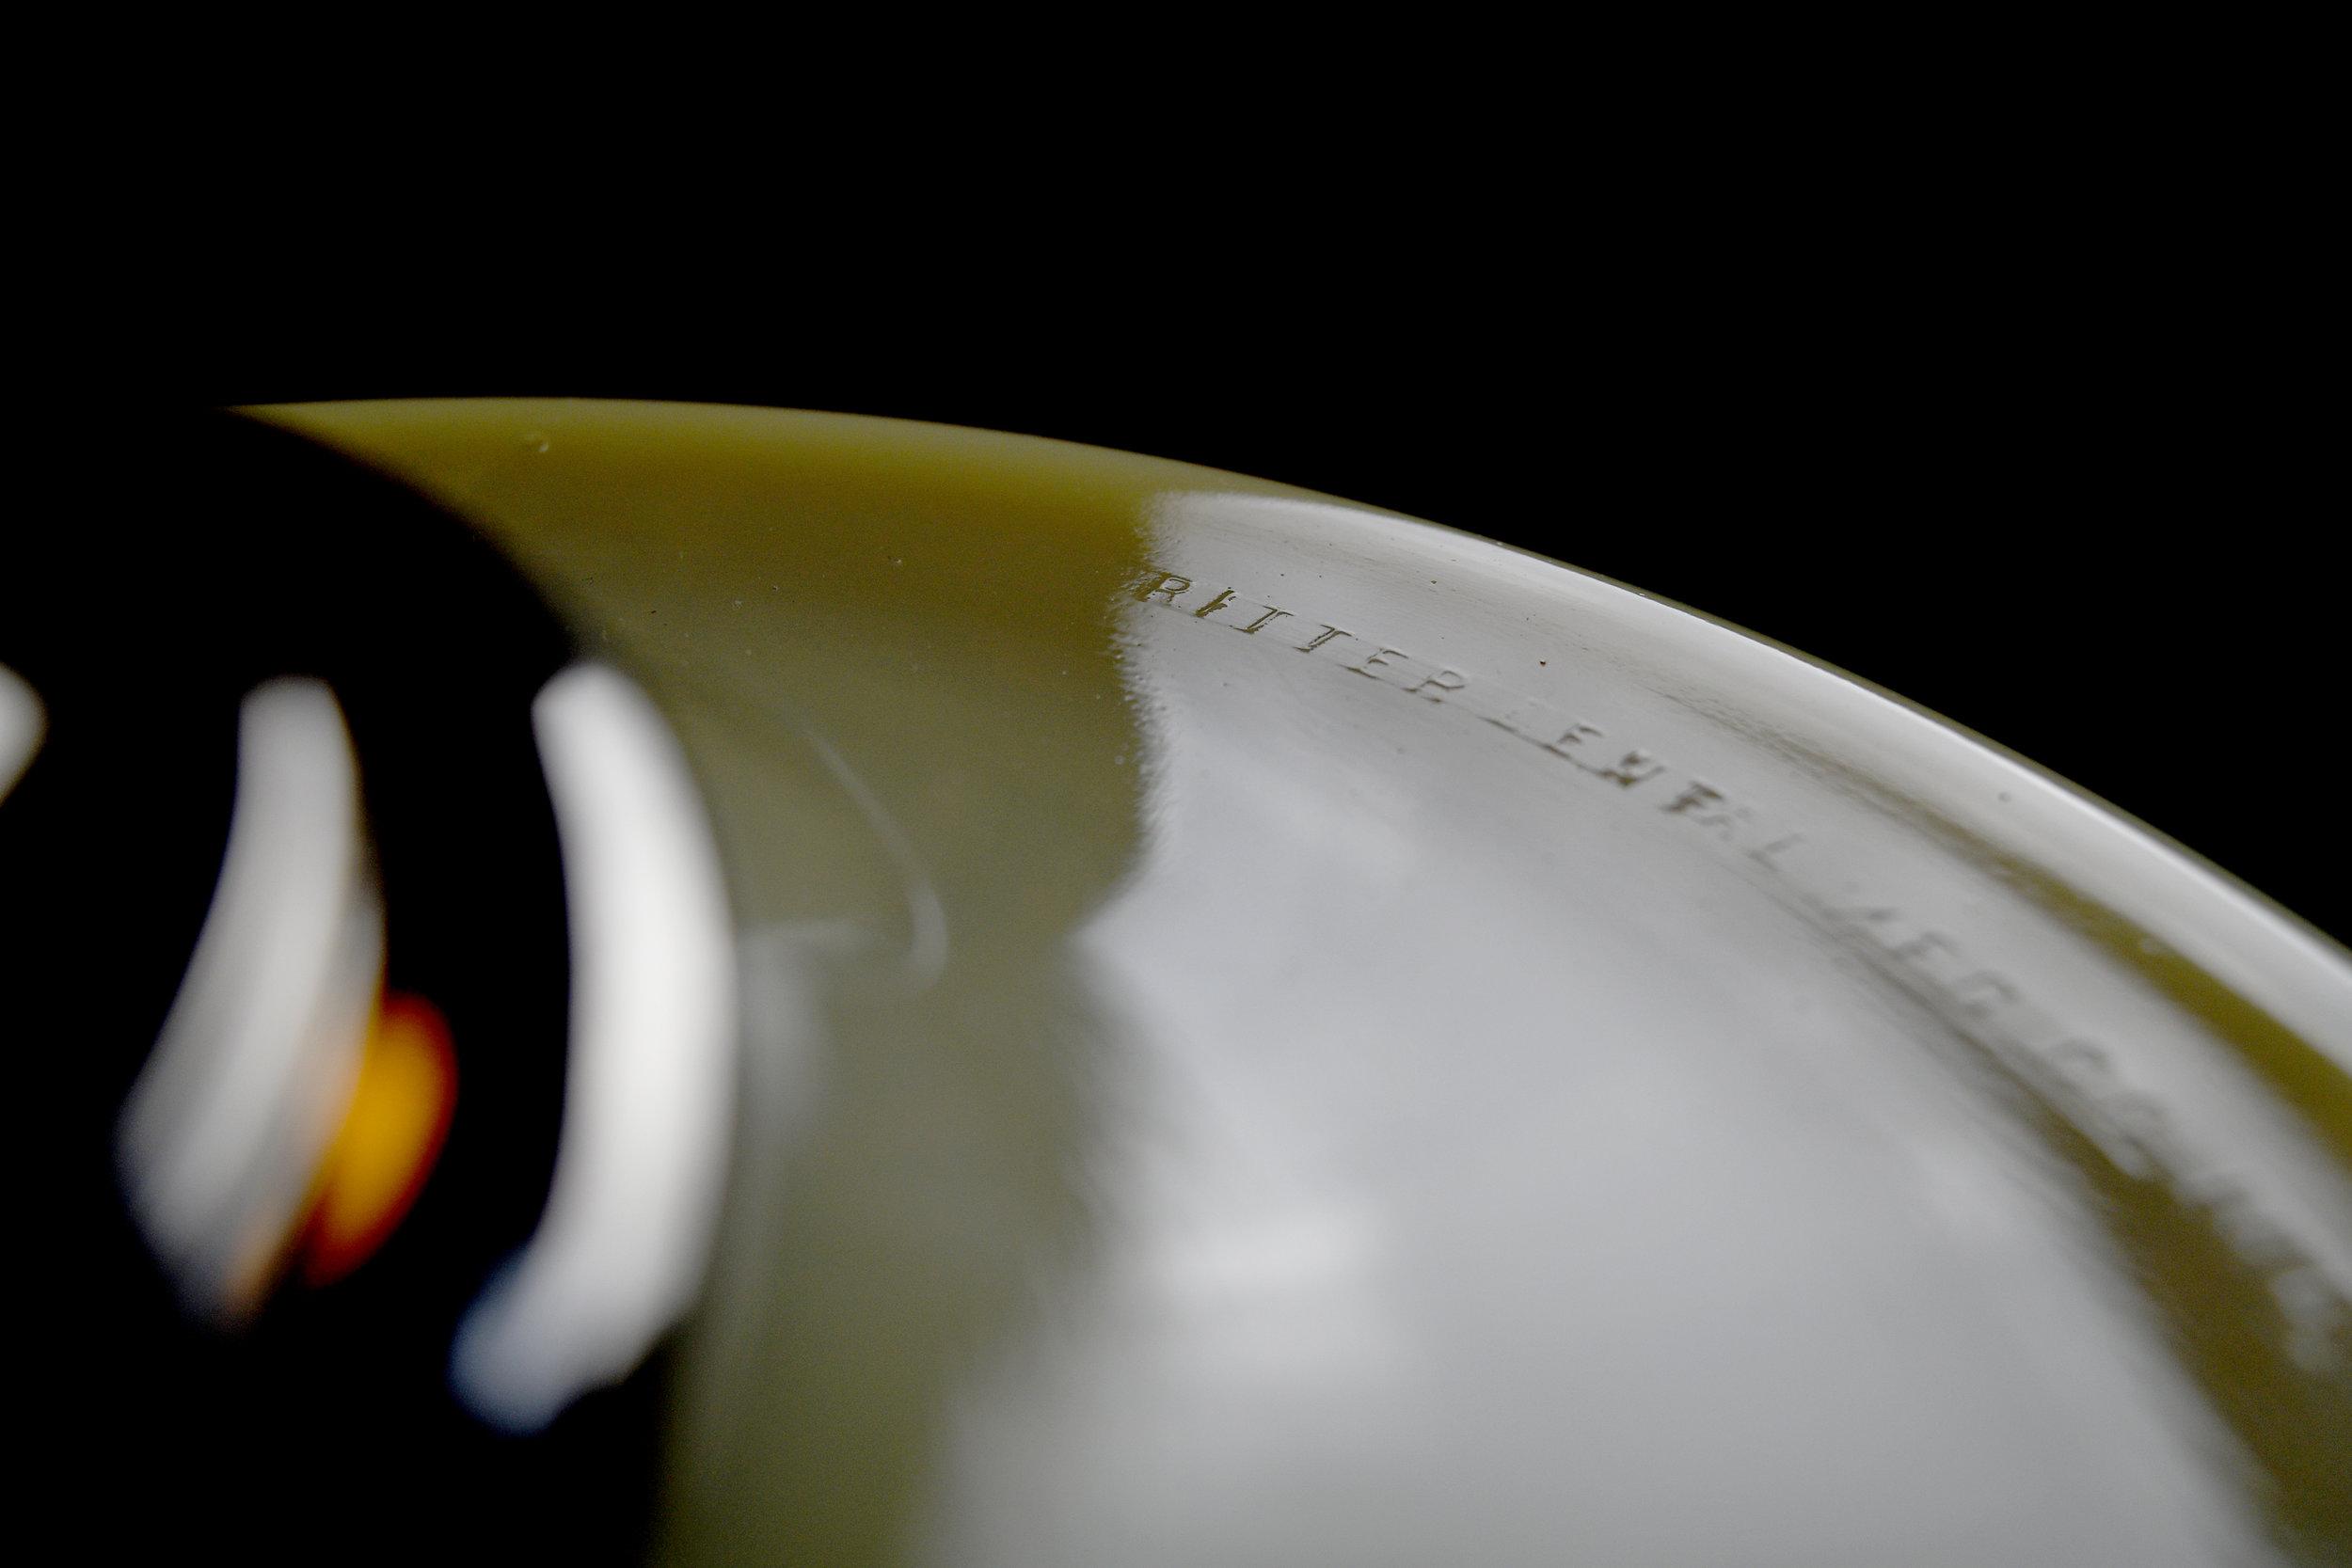 45221-Milk-Glass-Pendant-Ritter-Dental.jpg